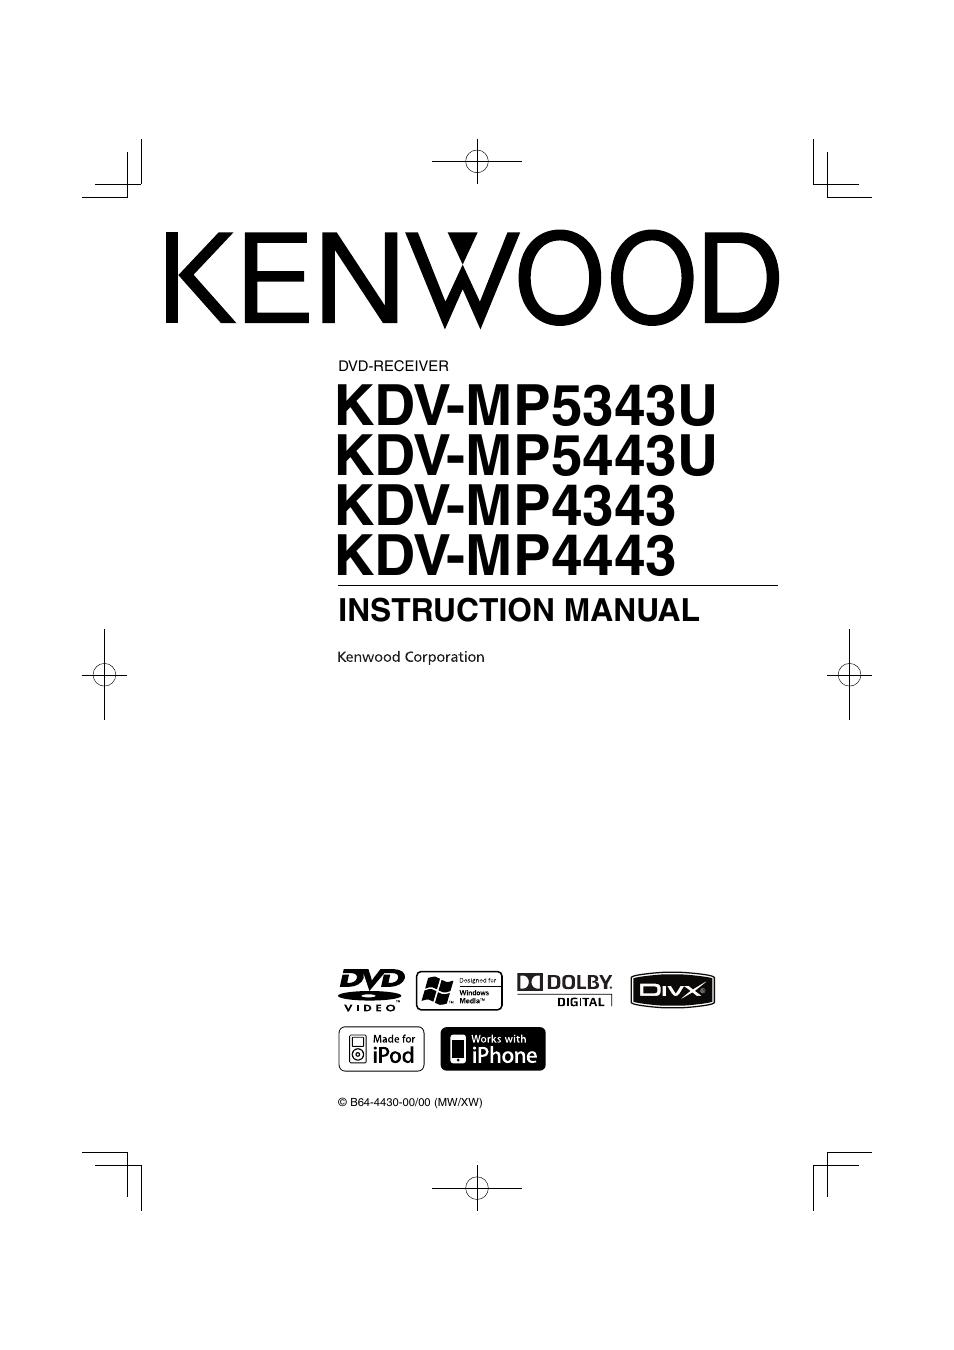 kenwood multi pro instruction manual